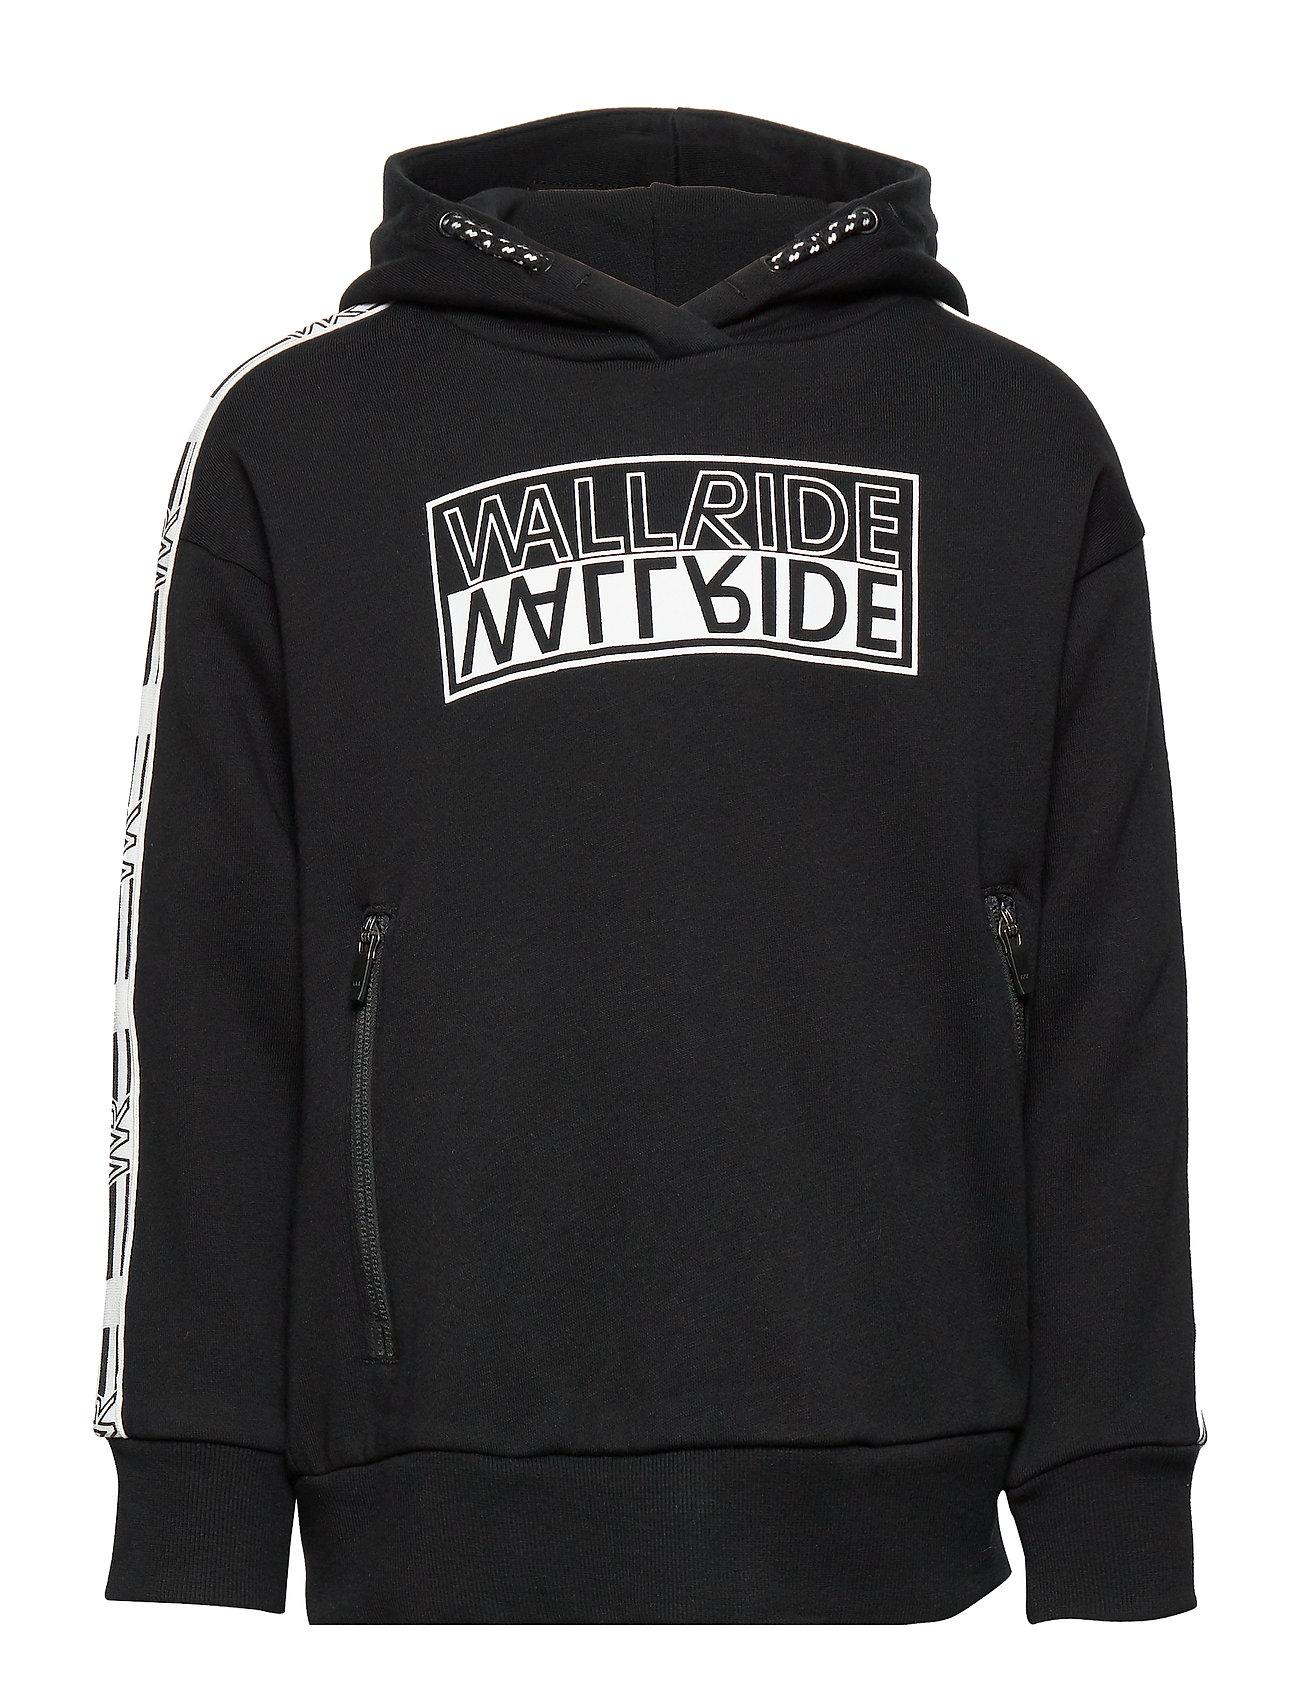 Lindex Sweatshirt hood Wallride - BLACK